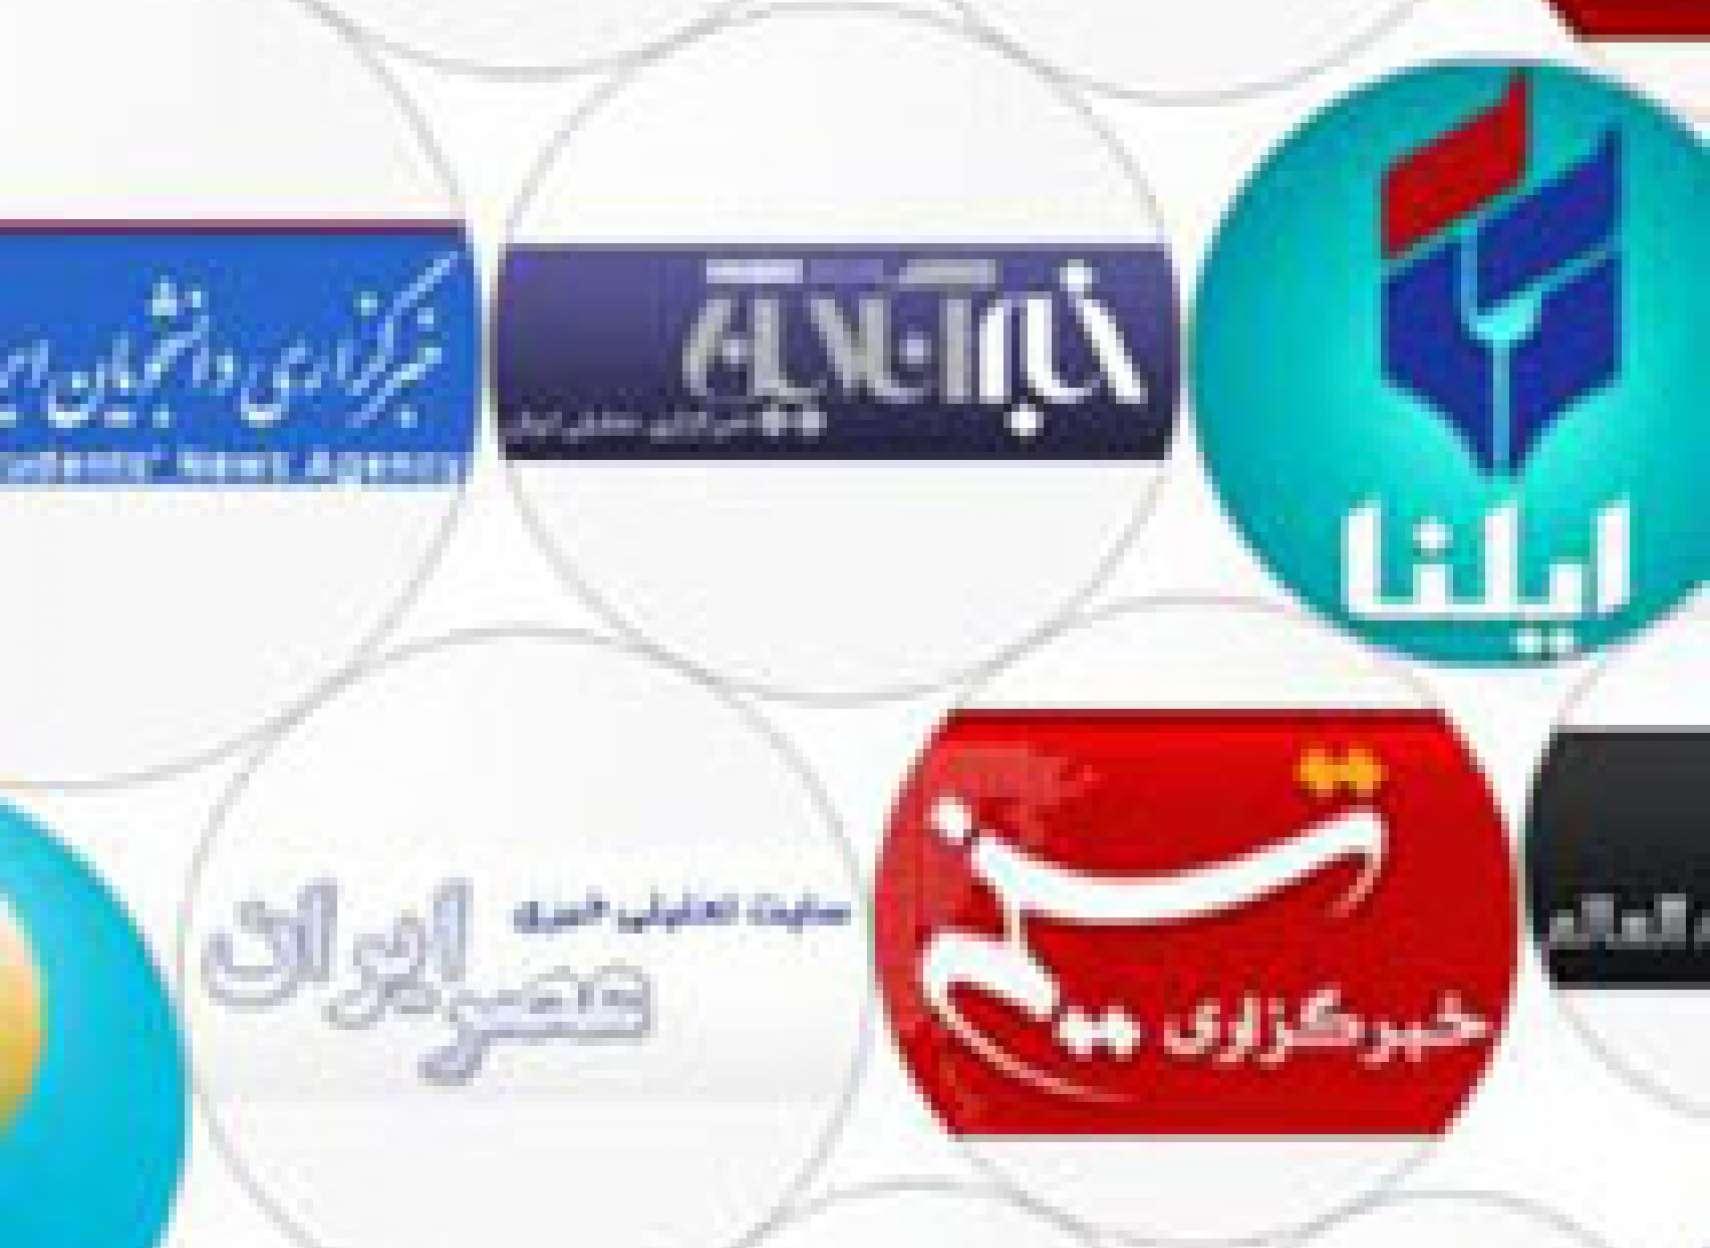 نشان-افتخار-هات-داکس-به-یک-مستند-ایرانی-تداوم-انتشار-رپورتاژ-آگهی-شرکت-های-مهاجرت-به-کانادا-در-رسانه-های-ایران